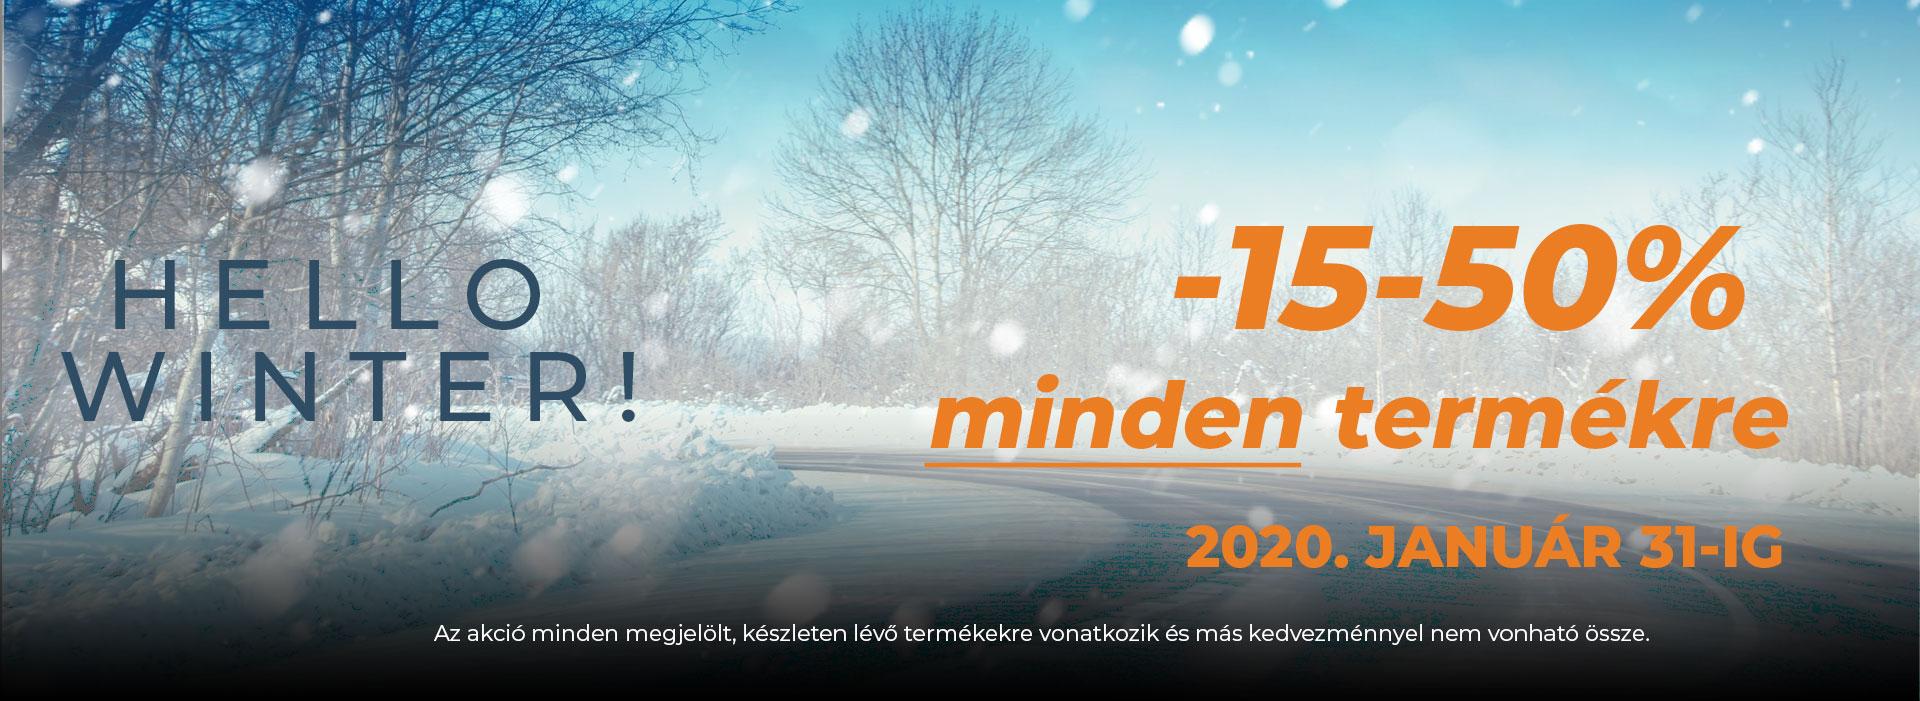 2020jan31